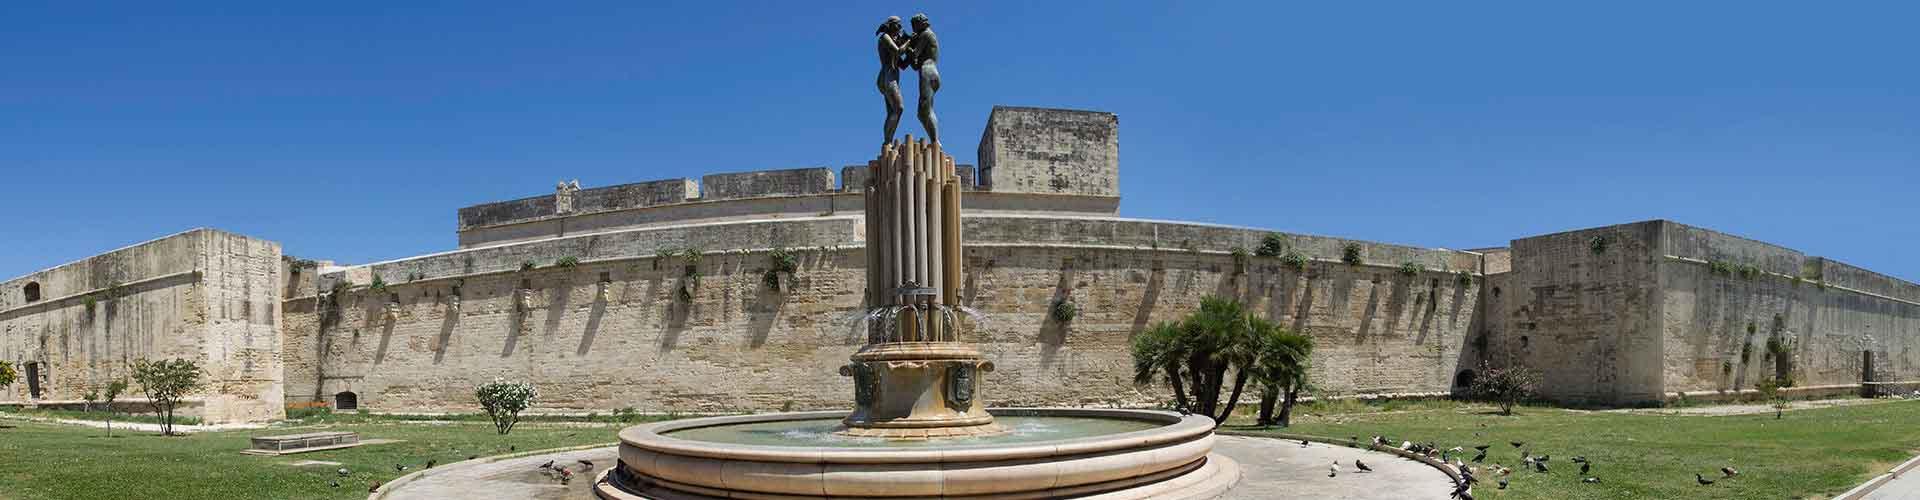 Lecce - Hostales en Lecce. Mapas de Lecce, Fotos y comentarios de cada Hostal en Lecce.